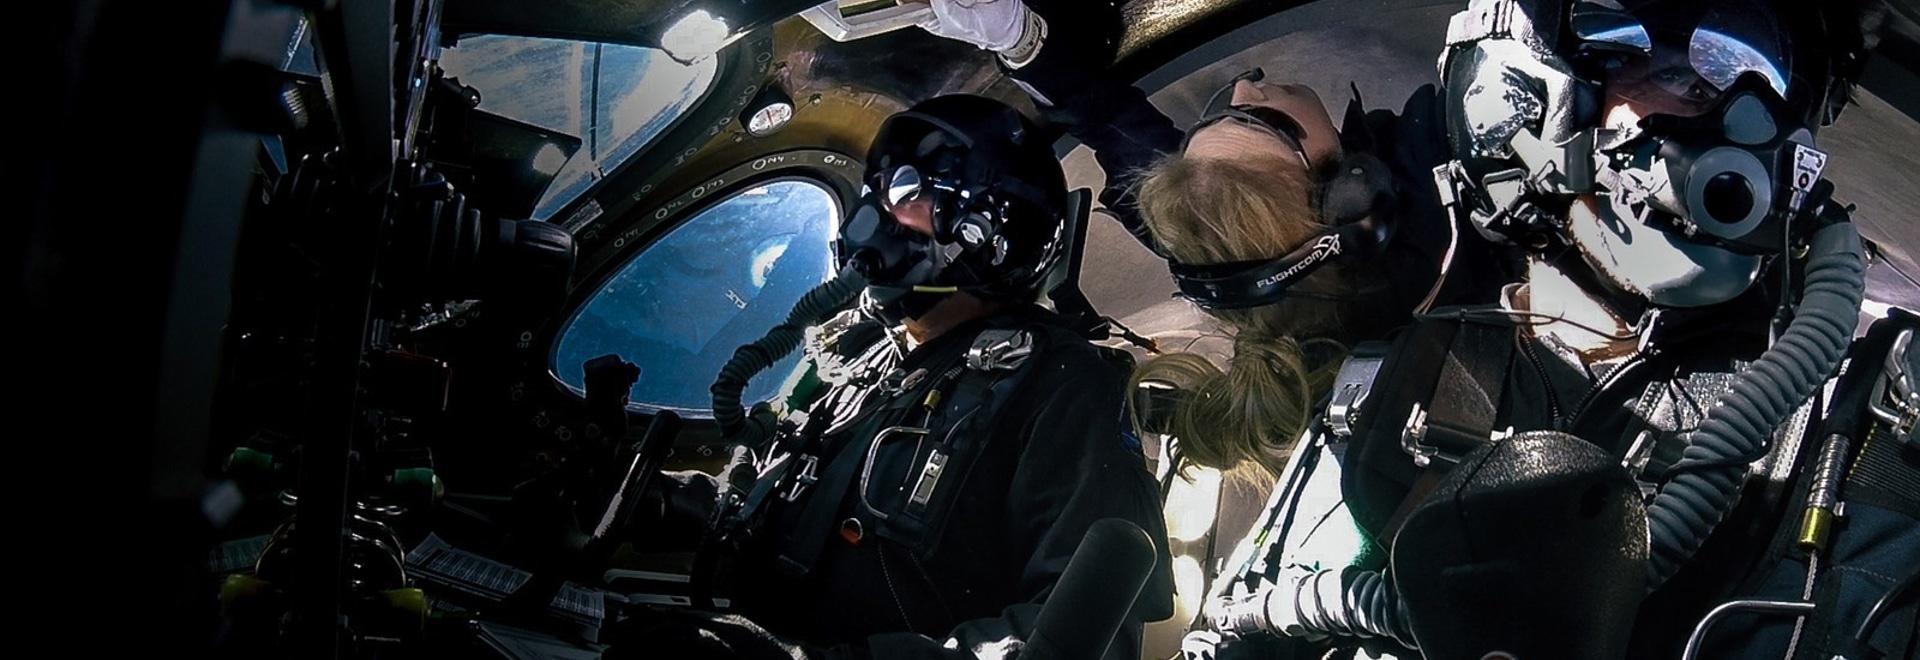 Virgin Galactic fa lo spazio per seconda volta in dieci settimane con tre a bordo, raggiungendo le più alte altitudini e le velocità più veloci, poichè il programma di prova di volo continua